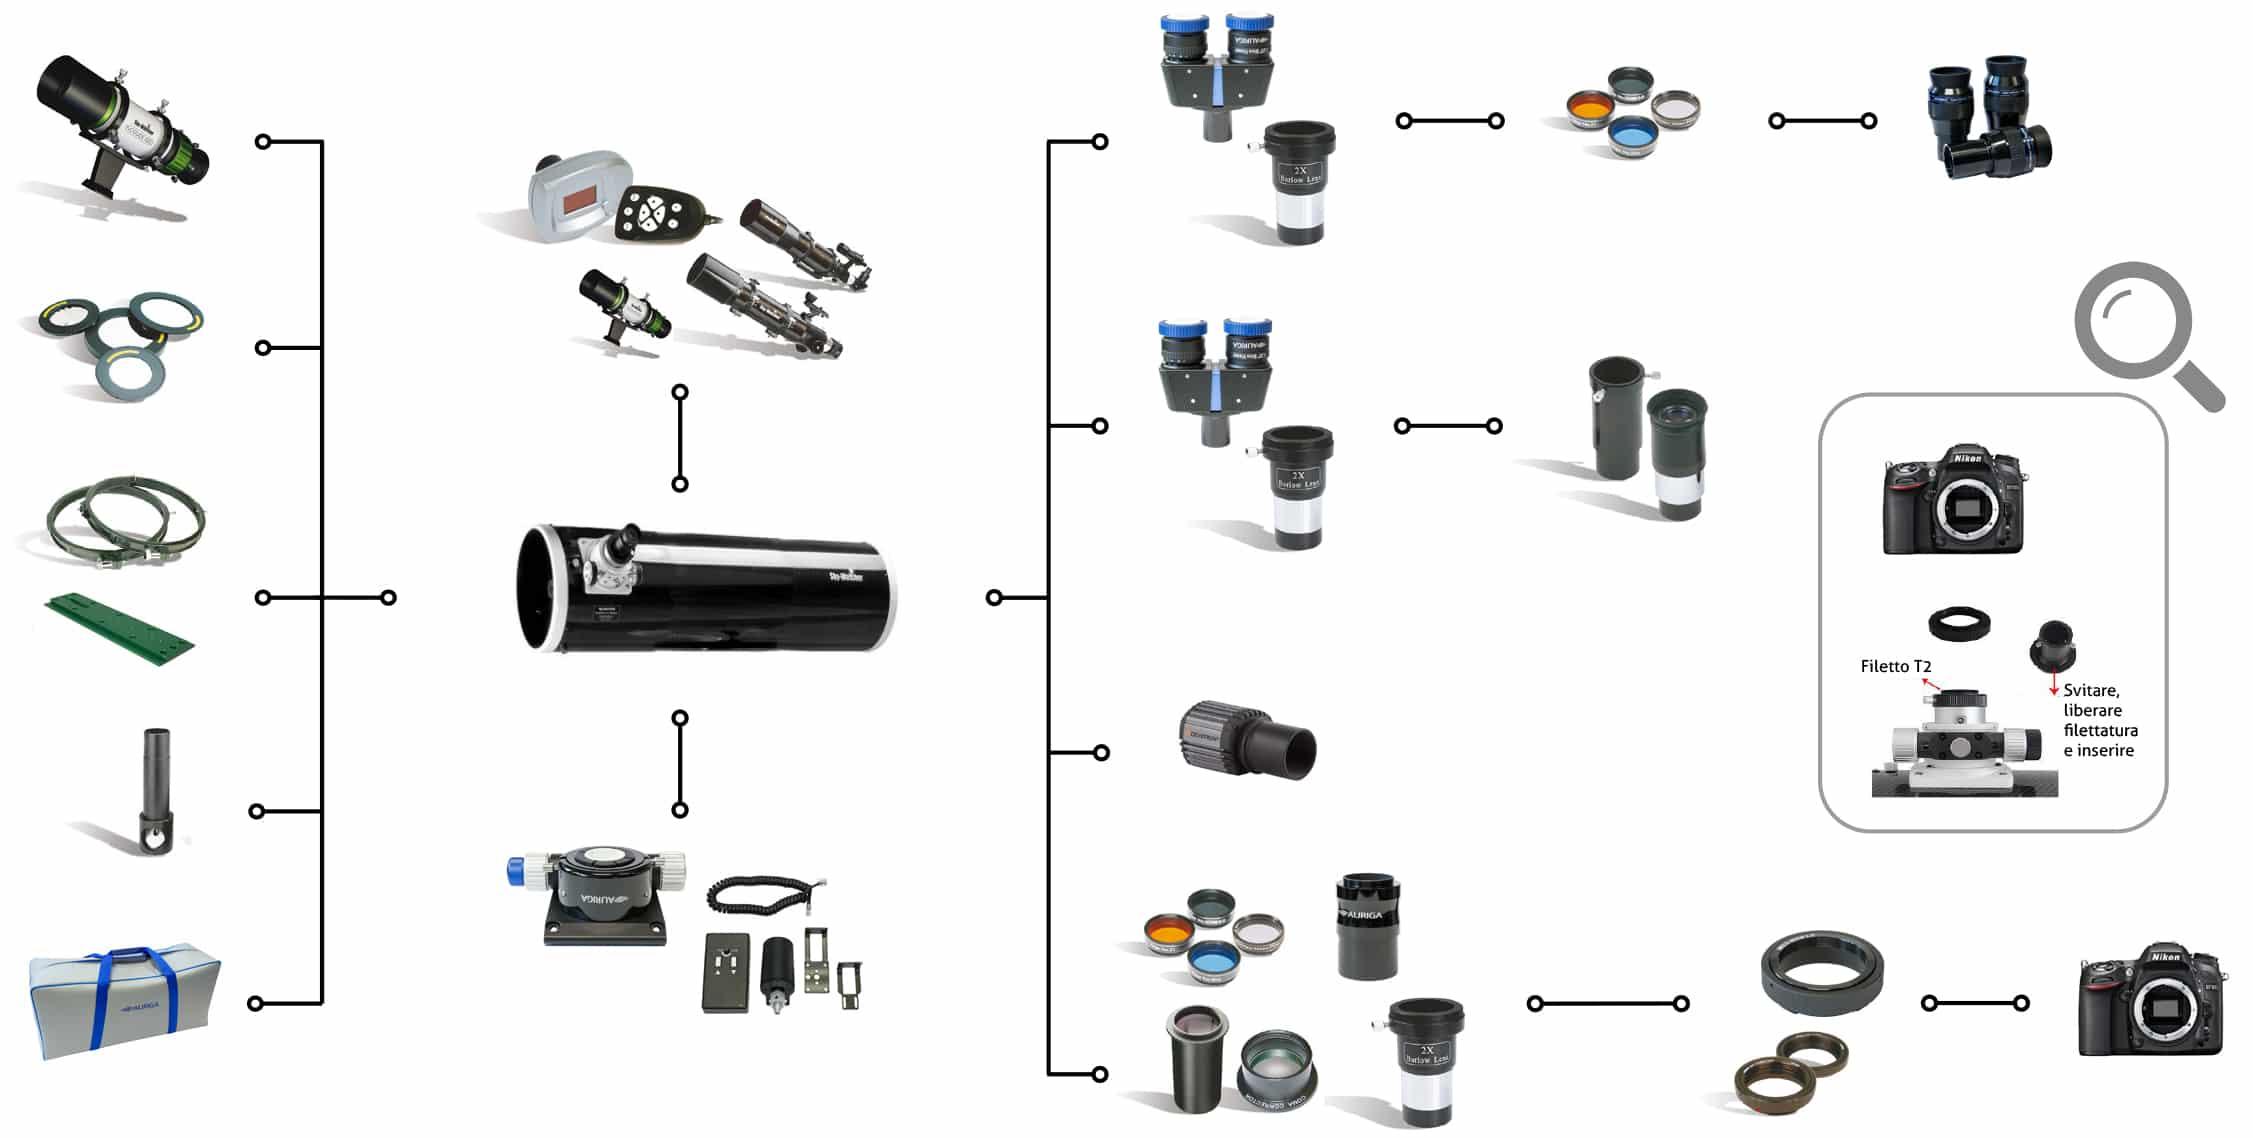 schema collegamento accessori newton